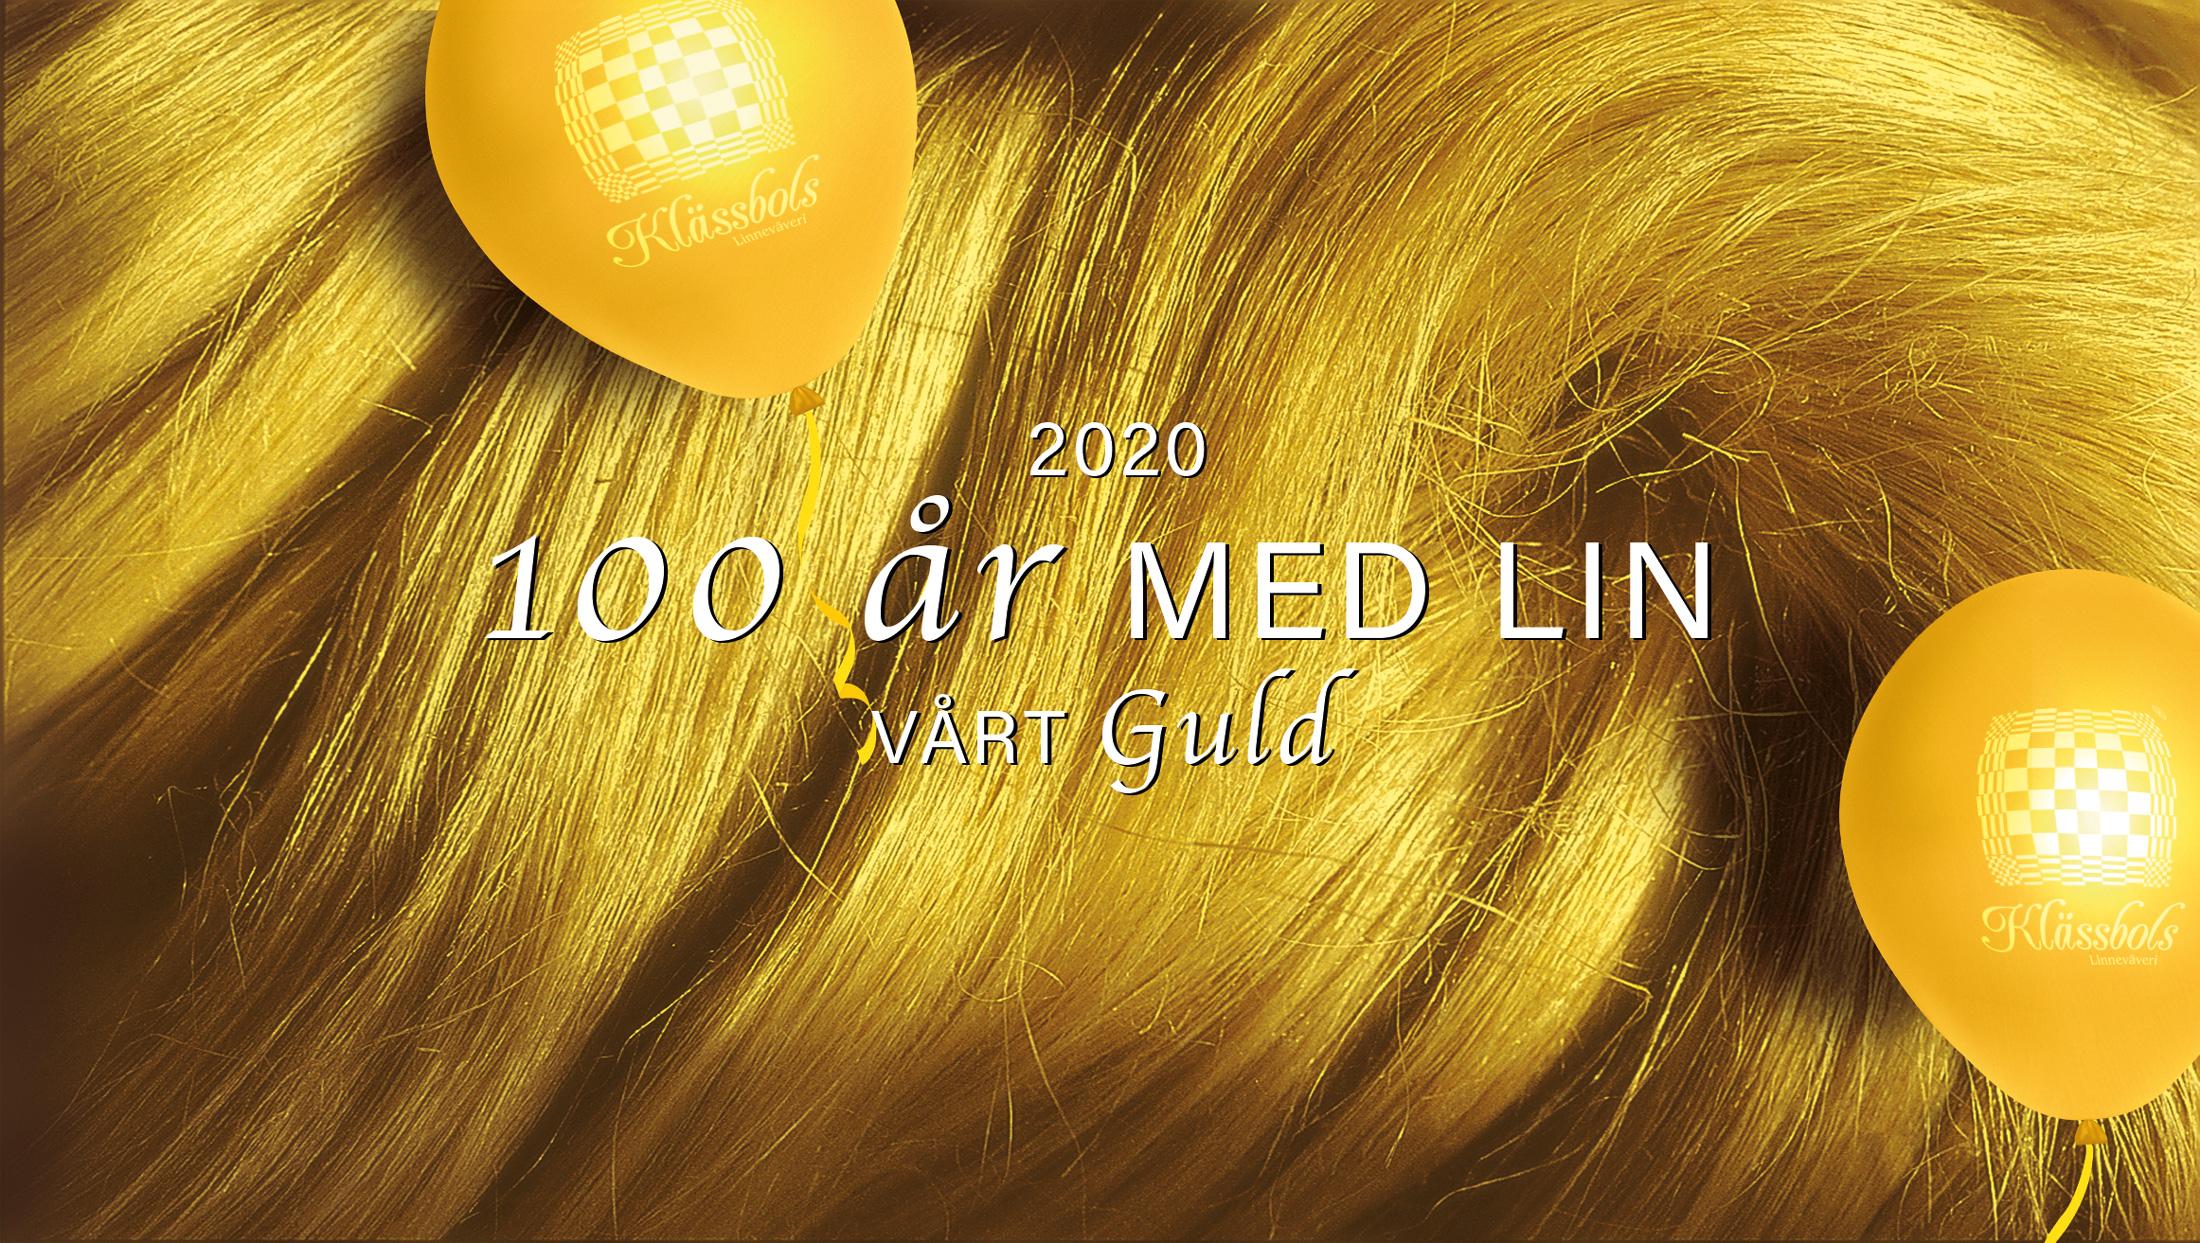 100 år med lin - vårt guld